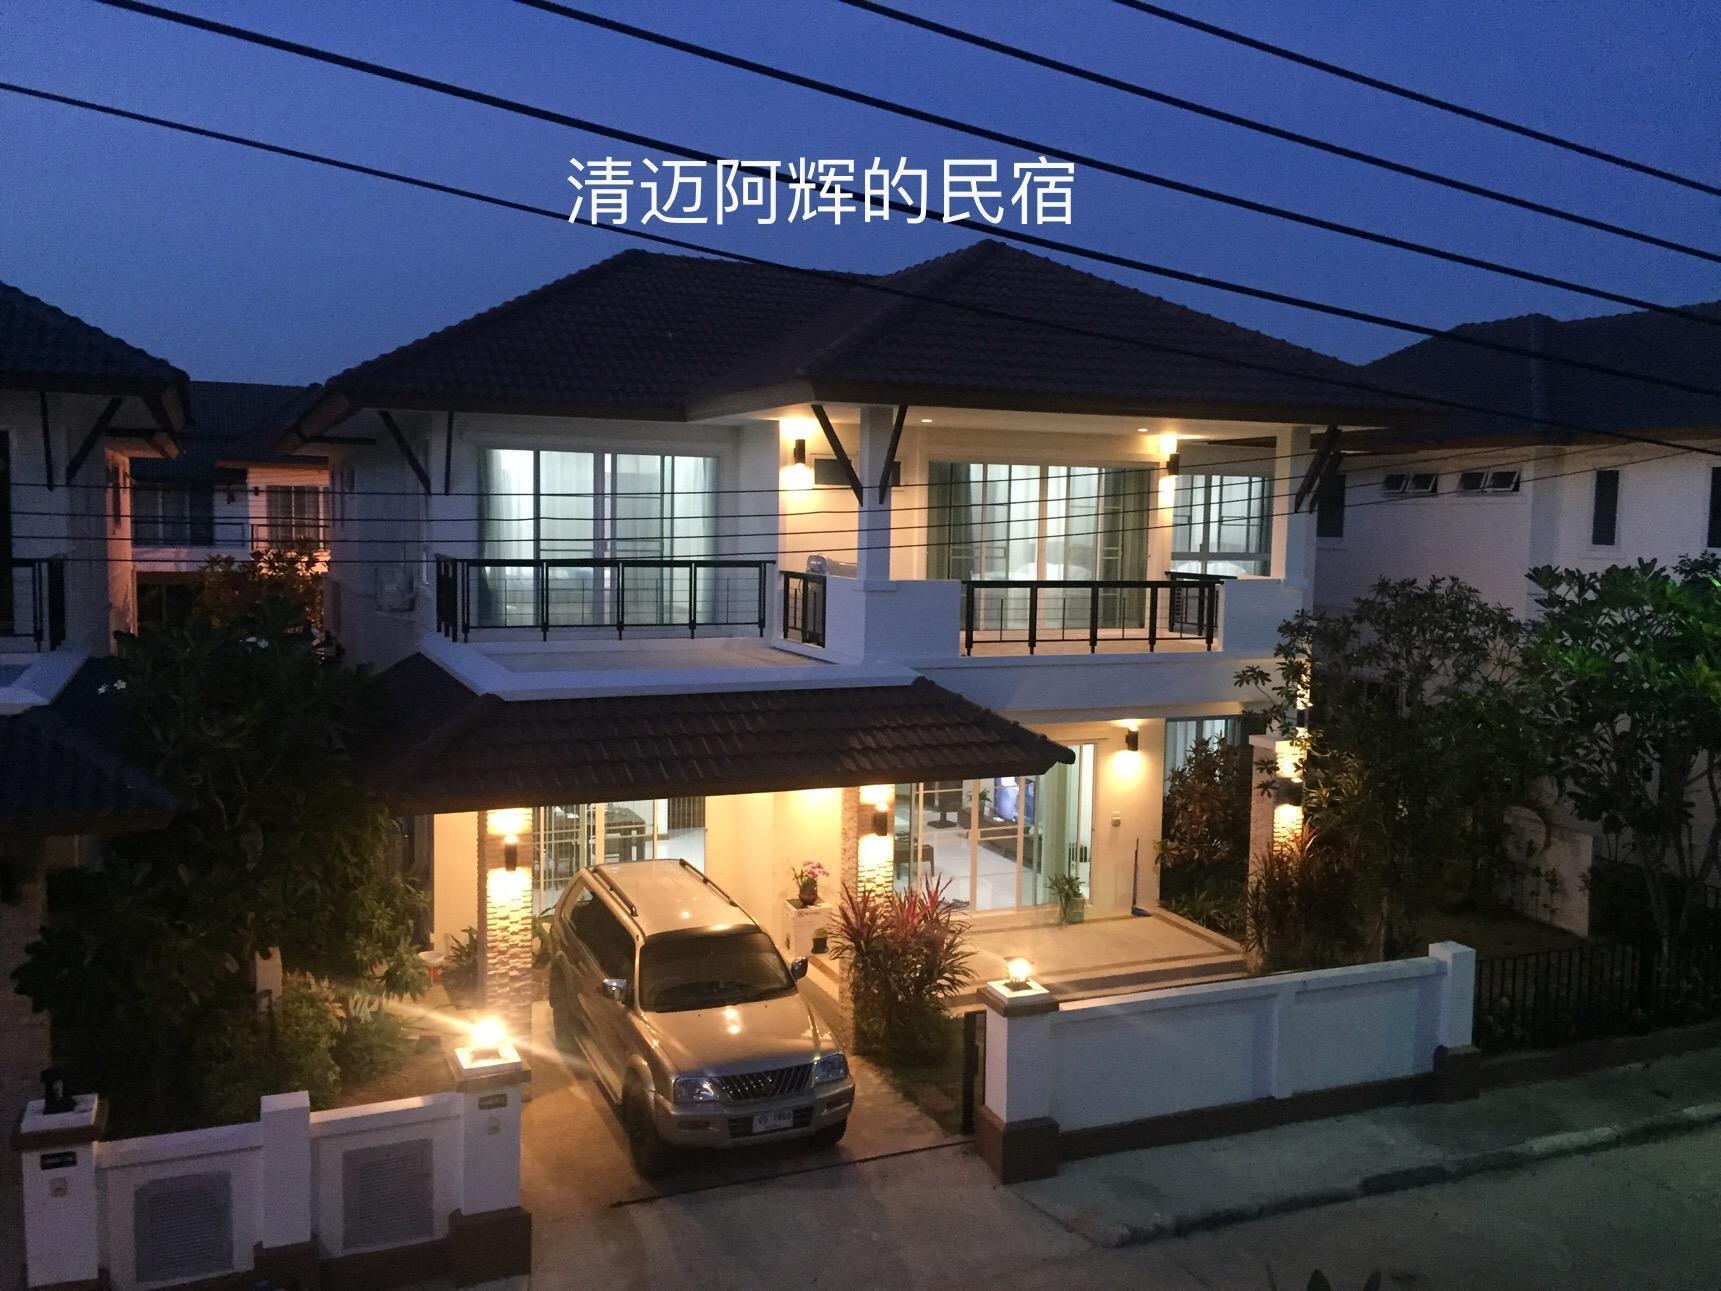 清迈阿辉民宿 วิลลา 4 ห้องนอน 4 ห้องน้ำส่วนตัว ขนาด 350 ตร.ม. – สันกำแพง